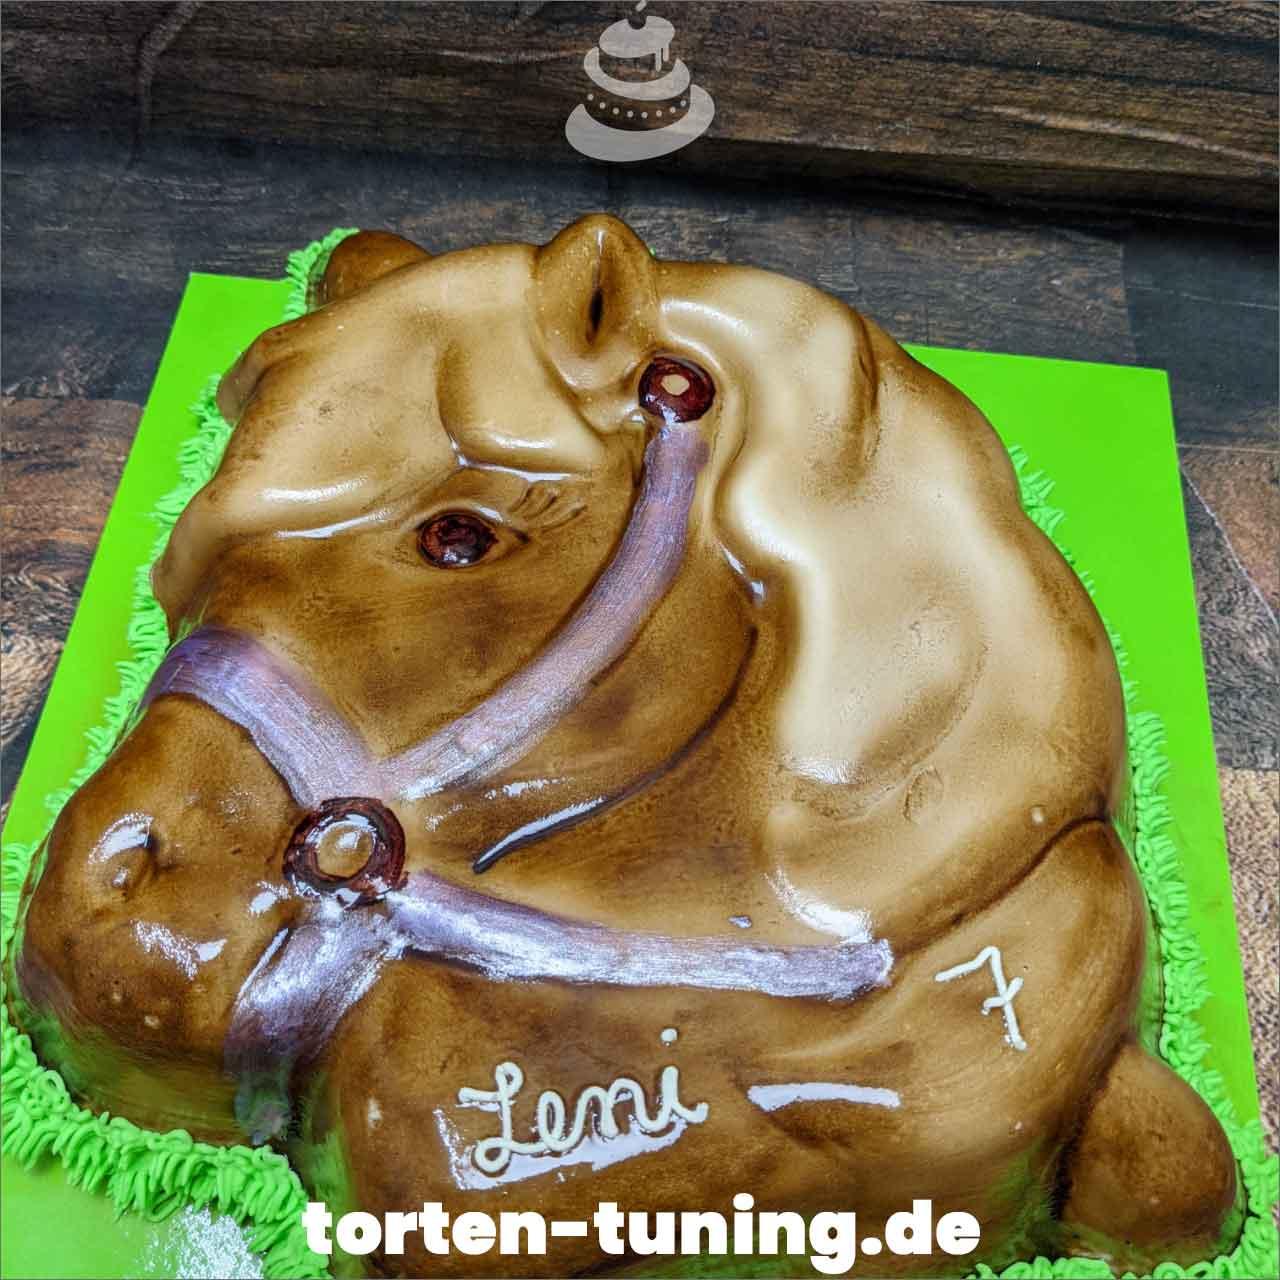 Pferdekopf Dripcake Obsttorte Geburtstagstorte Motivtorte Torte Tortendekoration Torte online bestellen Suhl Thüringen Torten Tuning Sahnetorte Tortenfiguren Cake Topper